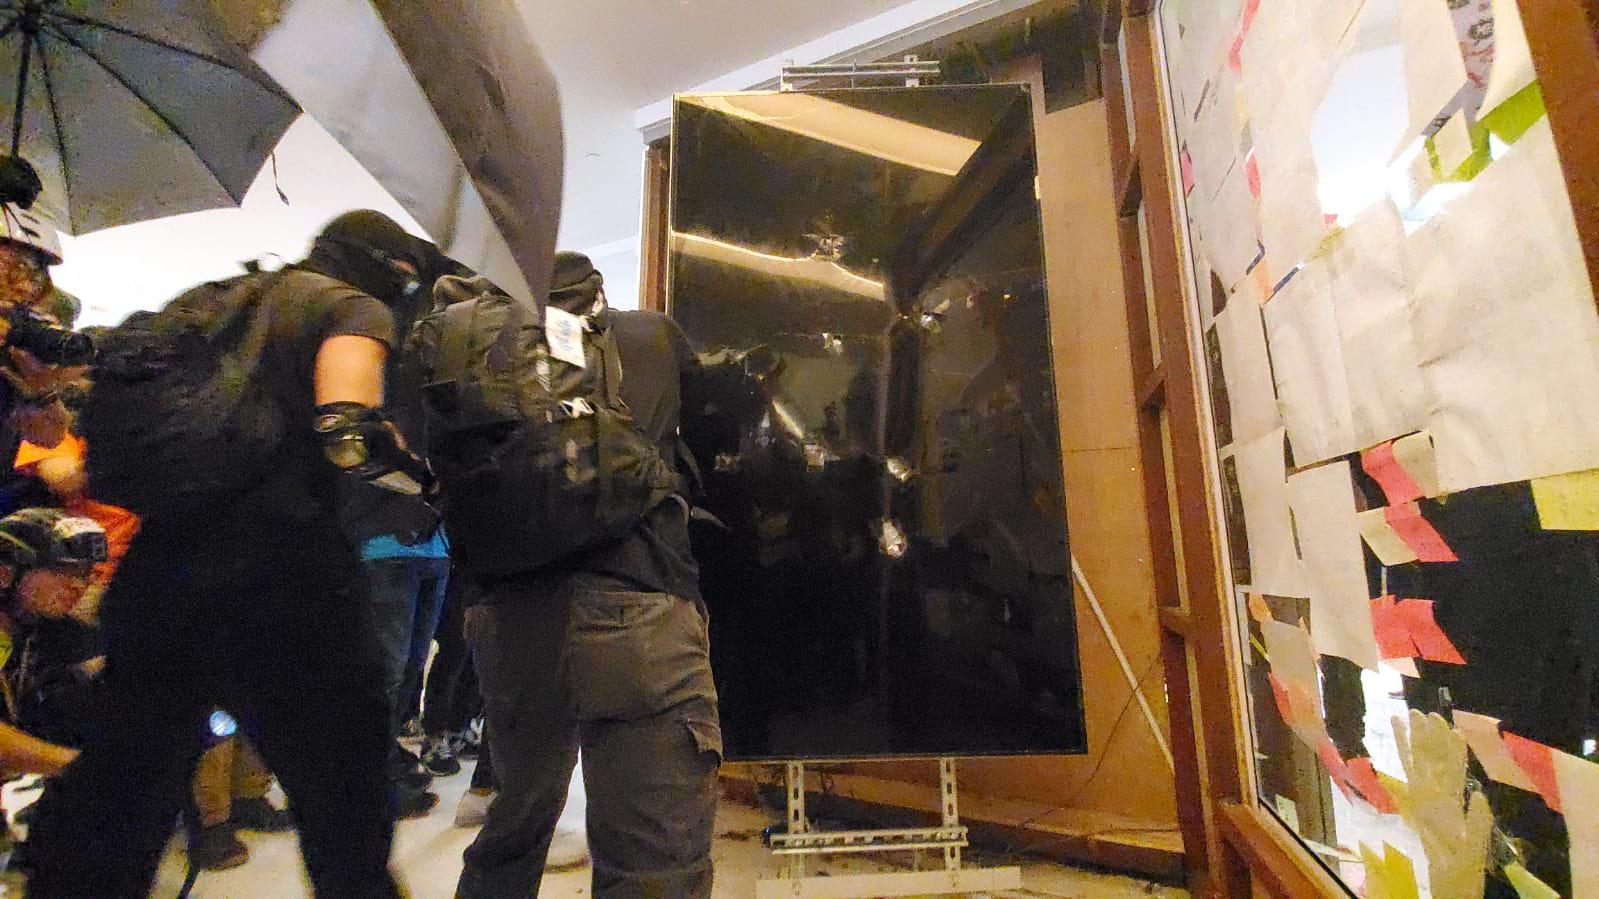 【修例風波】沙田報案室服務暫停 警方警告示威者立即停止違法行為   多倫多   加拿大中文新聞網 - 加拿大星 ...